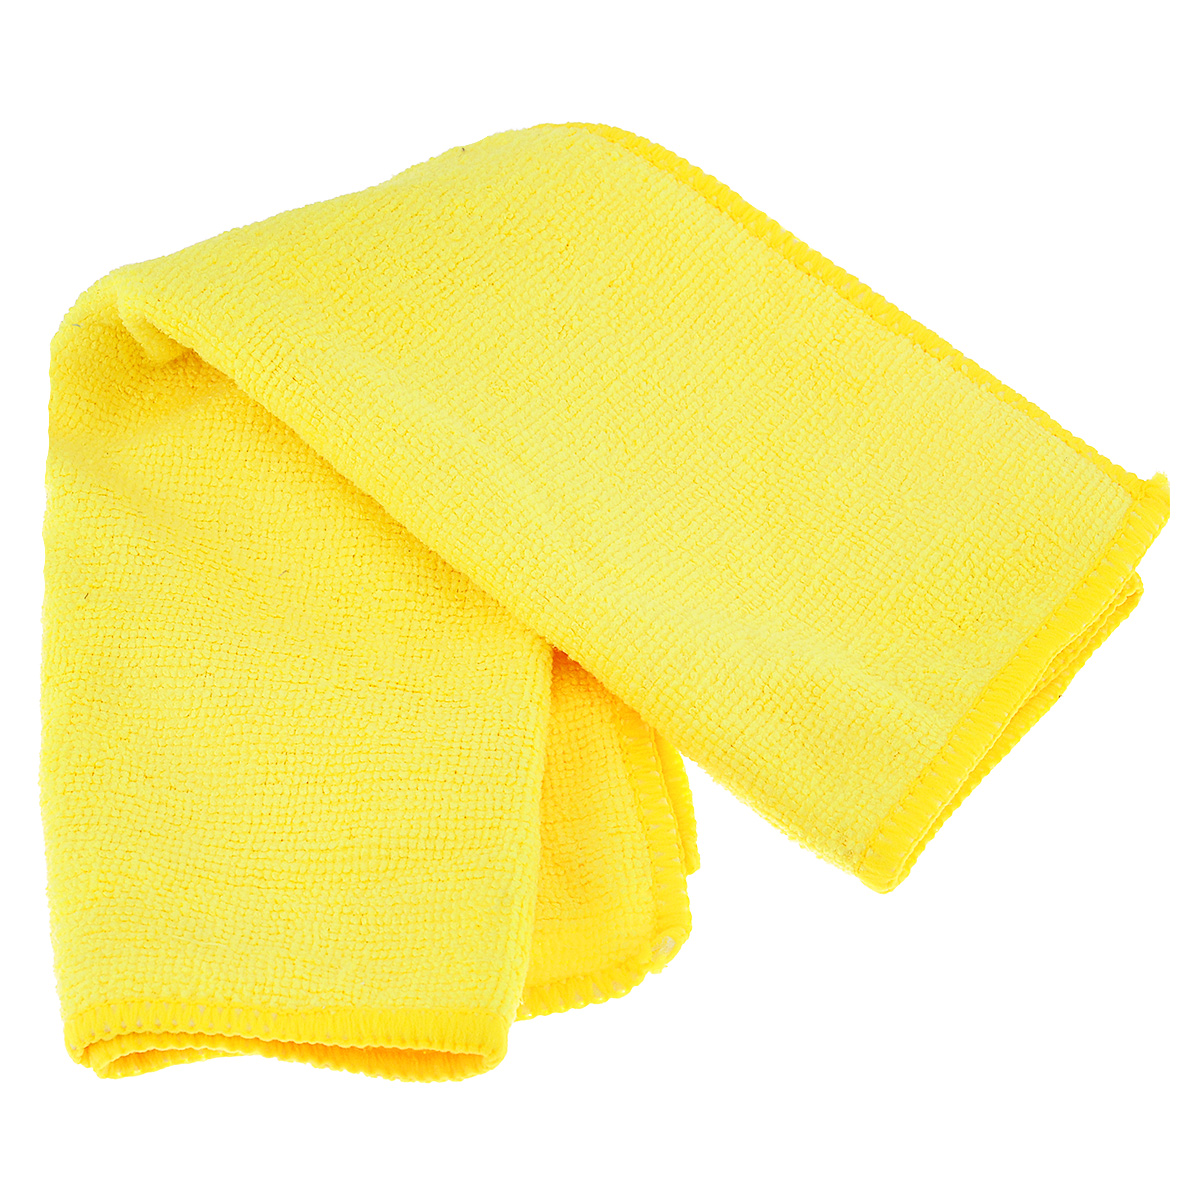 Салфетка из микрофибры Magic Power, для ухода за СВЧ печами и духовыми шкафами, цвет: желтый, 35 х 40 смMP-501_желтыйСалфетка Magic Power, изготовленная из микрофибры (75% полиэстера, 25% полиамида), предназначена для ухода за СВЧ печами и духовыми шкафами, для очистки внешней и внутренней поверхности плит и микроволновых печей от любых видов загрязнений, для полировки и придания блеска. Идеально подходит для использования со средствами Magic Power по уходу за СВЧ-печами и духовыми шкафами. Не оставляет разводов и ворсинок. Обладает повышенной прочностью.